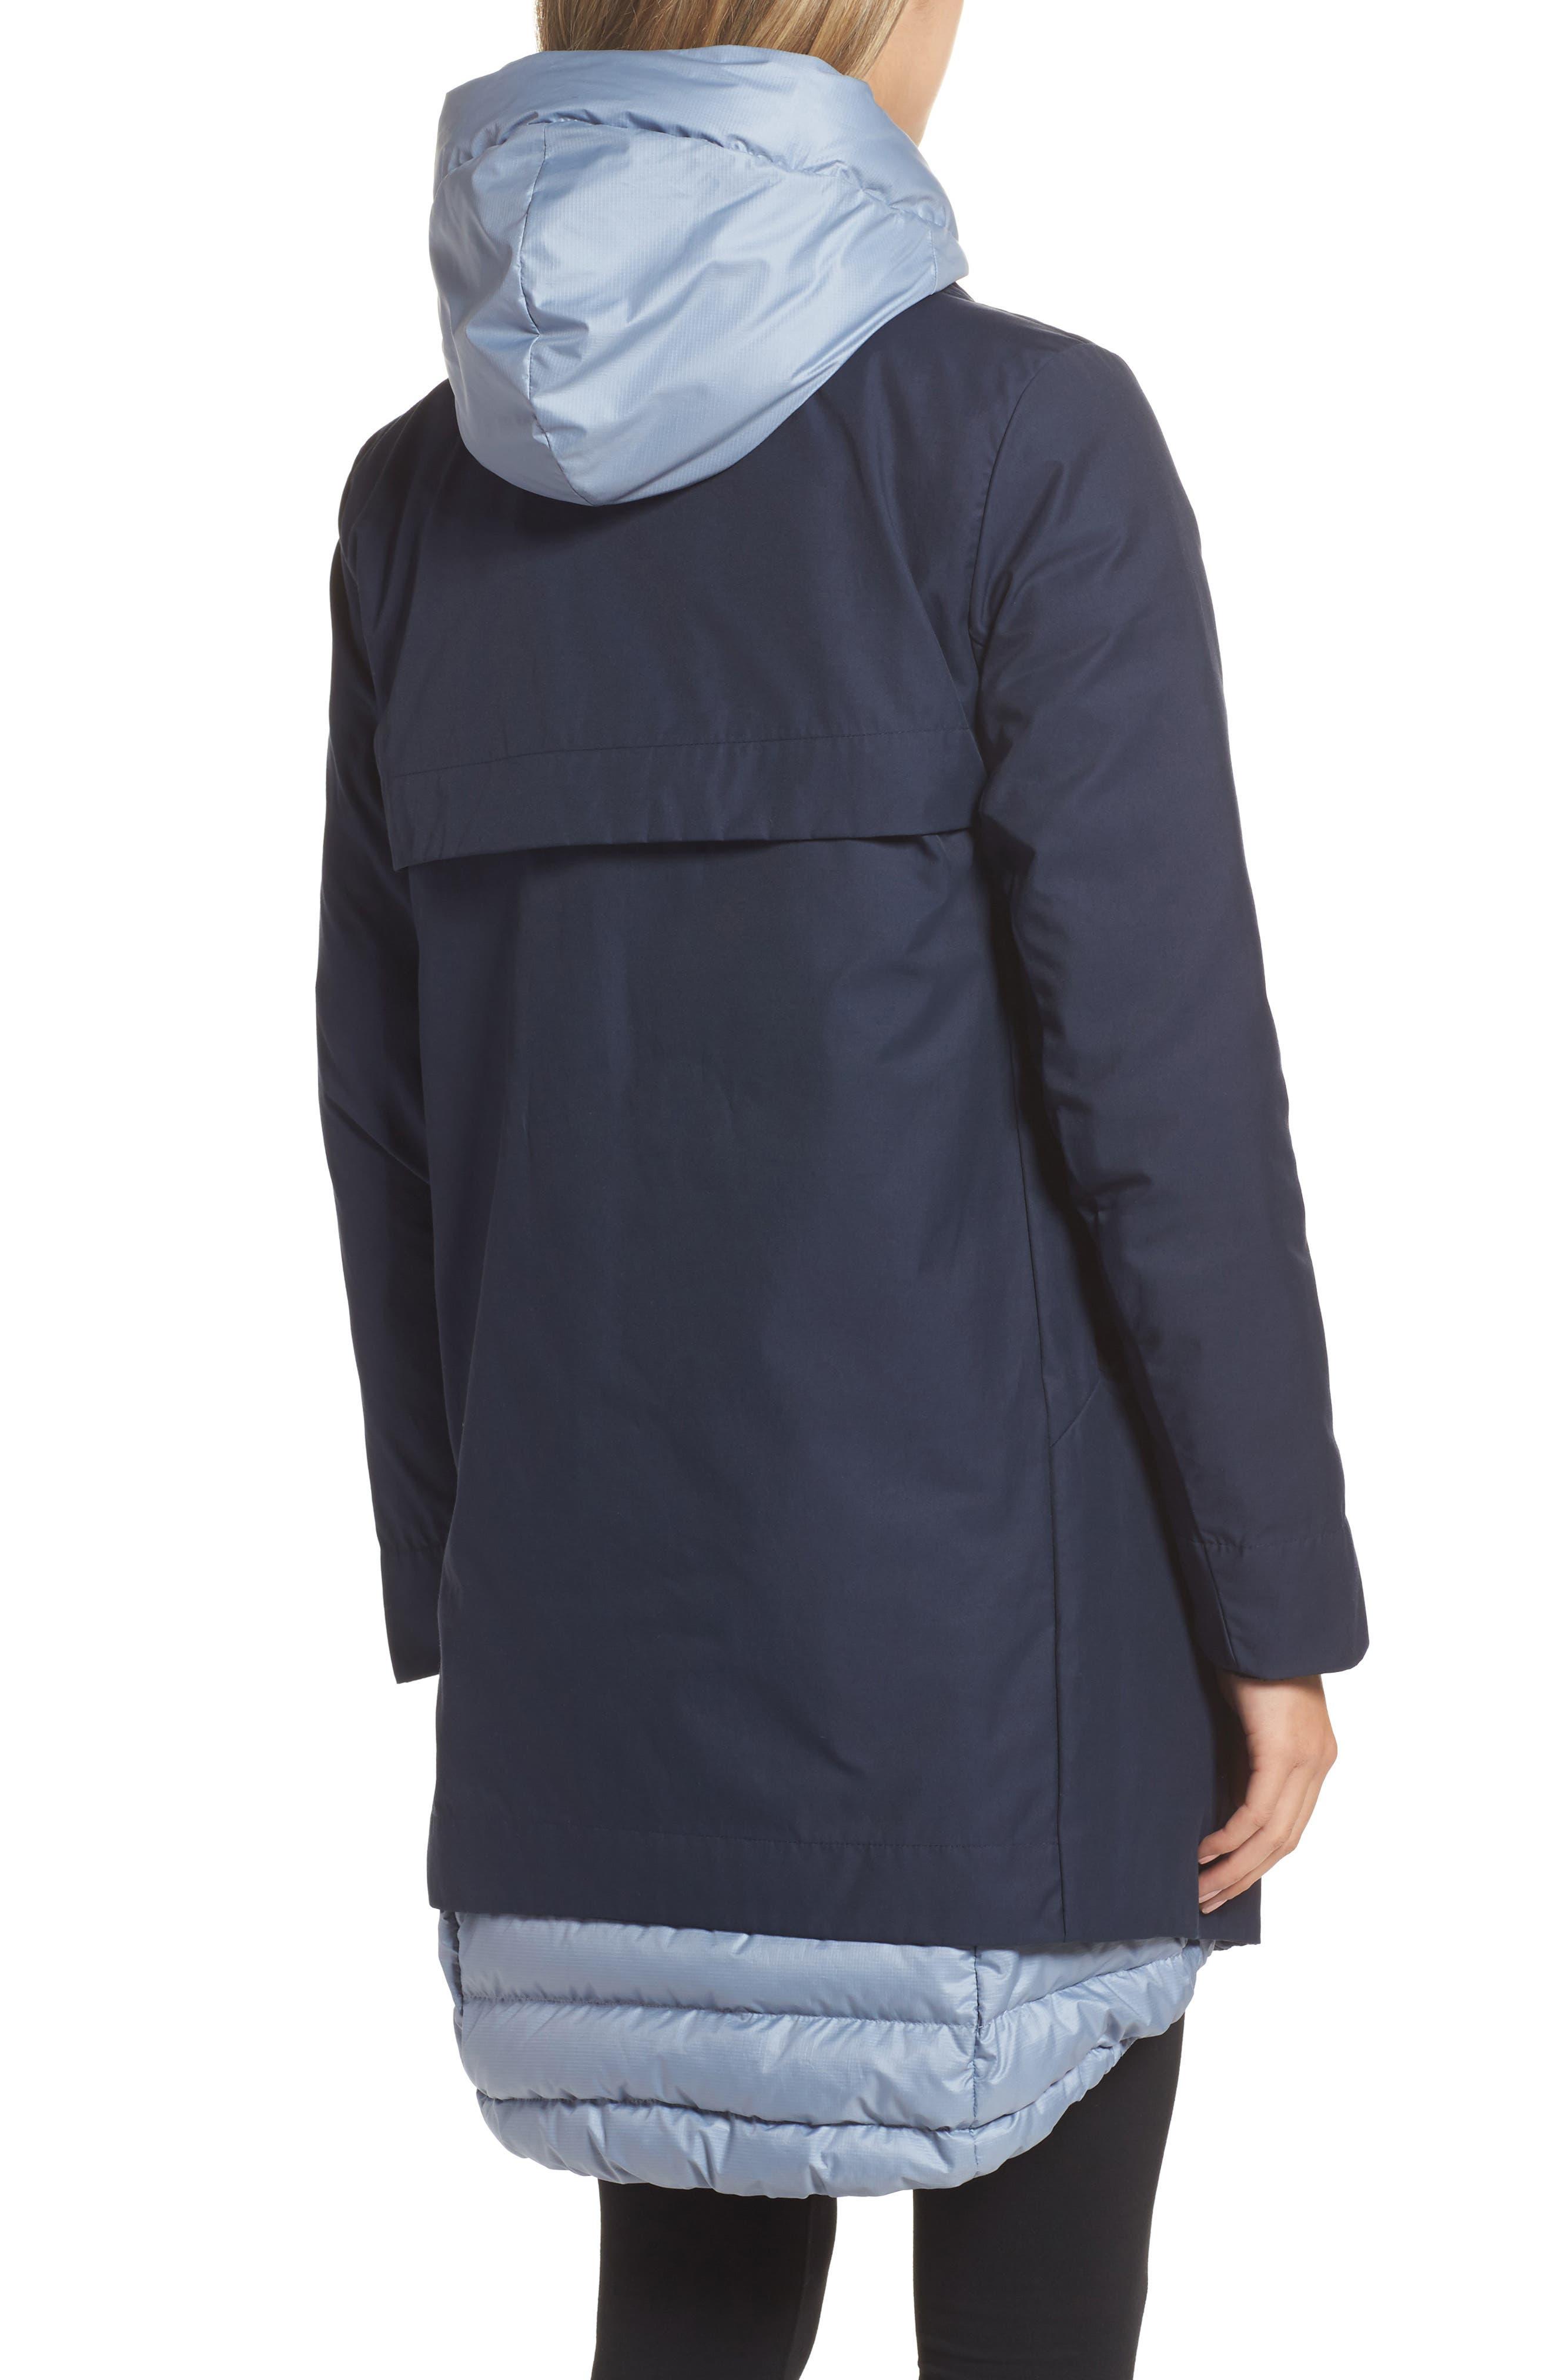 Sportswear Women's AeroLoft 3-in-1 Down Fill Parka,                             Alternate thumbnail 4, color,                             OBSIDIAN/ GLACIER GREY/ BLACK